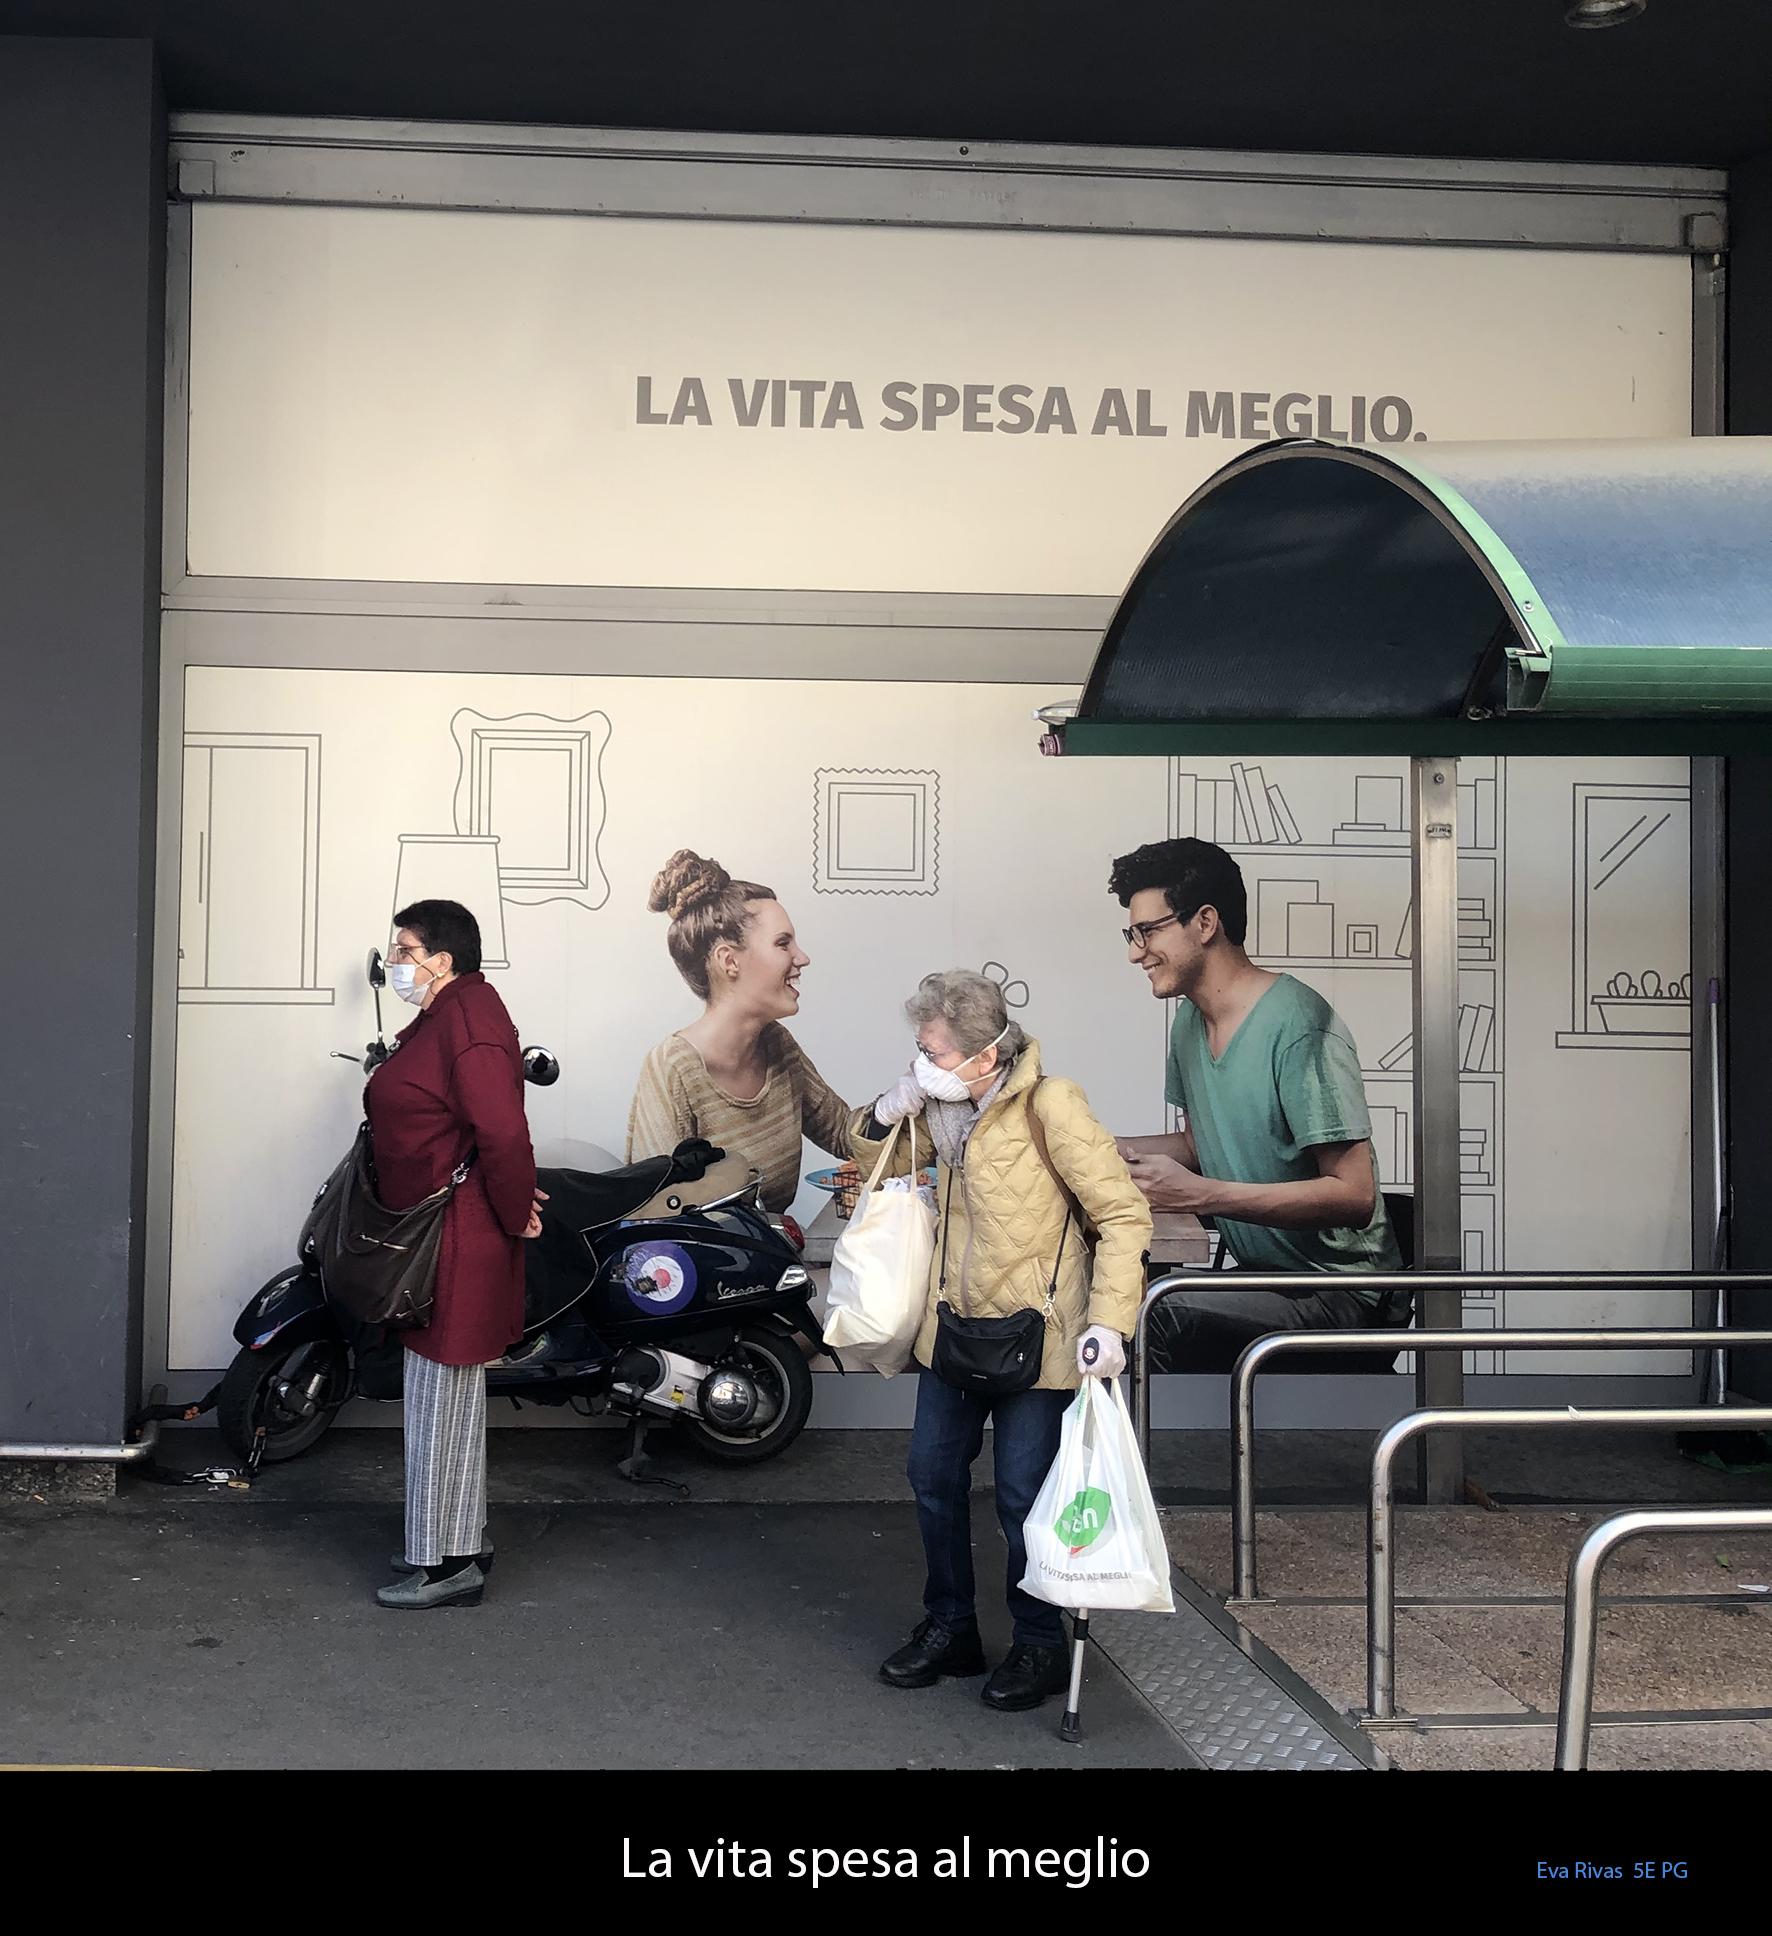 La-vita-spesa-al-meglio_-Eva-Rivas-Bao